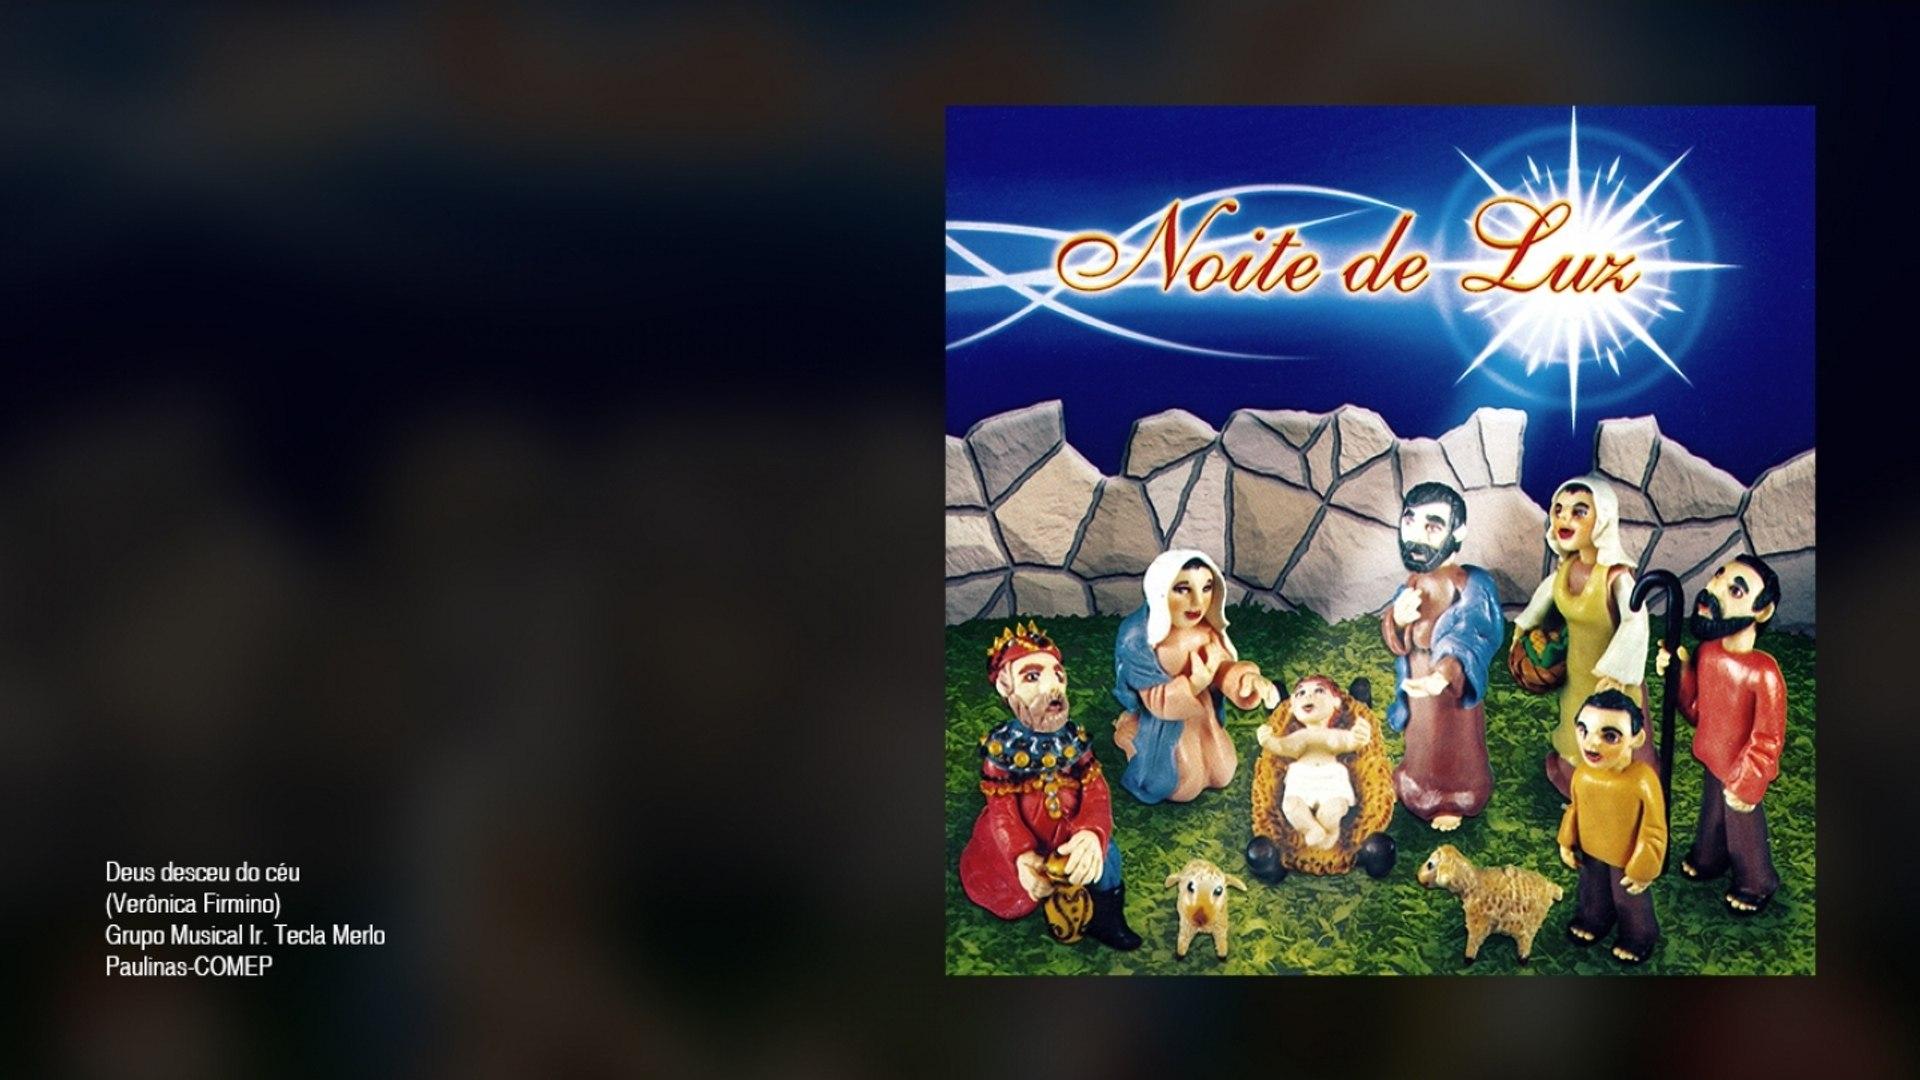 Vinícius de Loiola,  Ana Clara - Deus desceu do céu